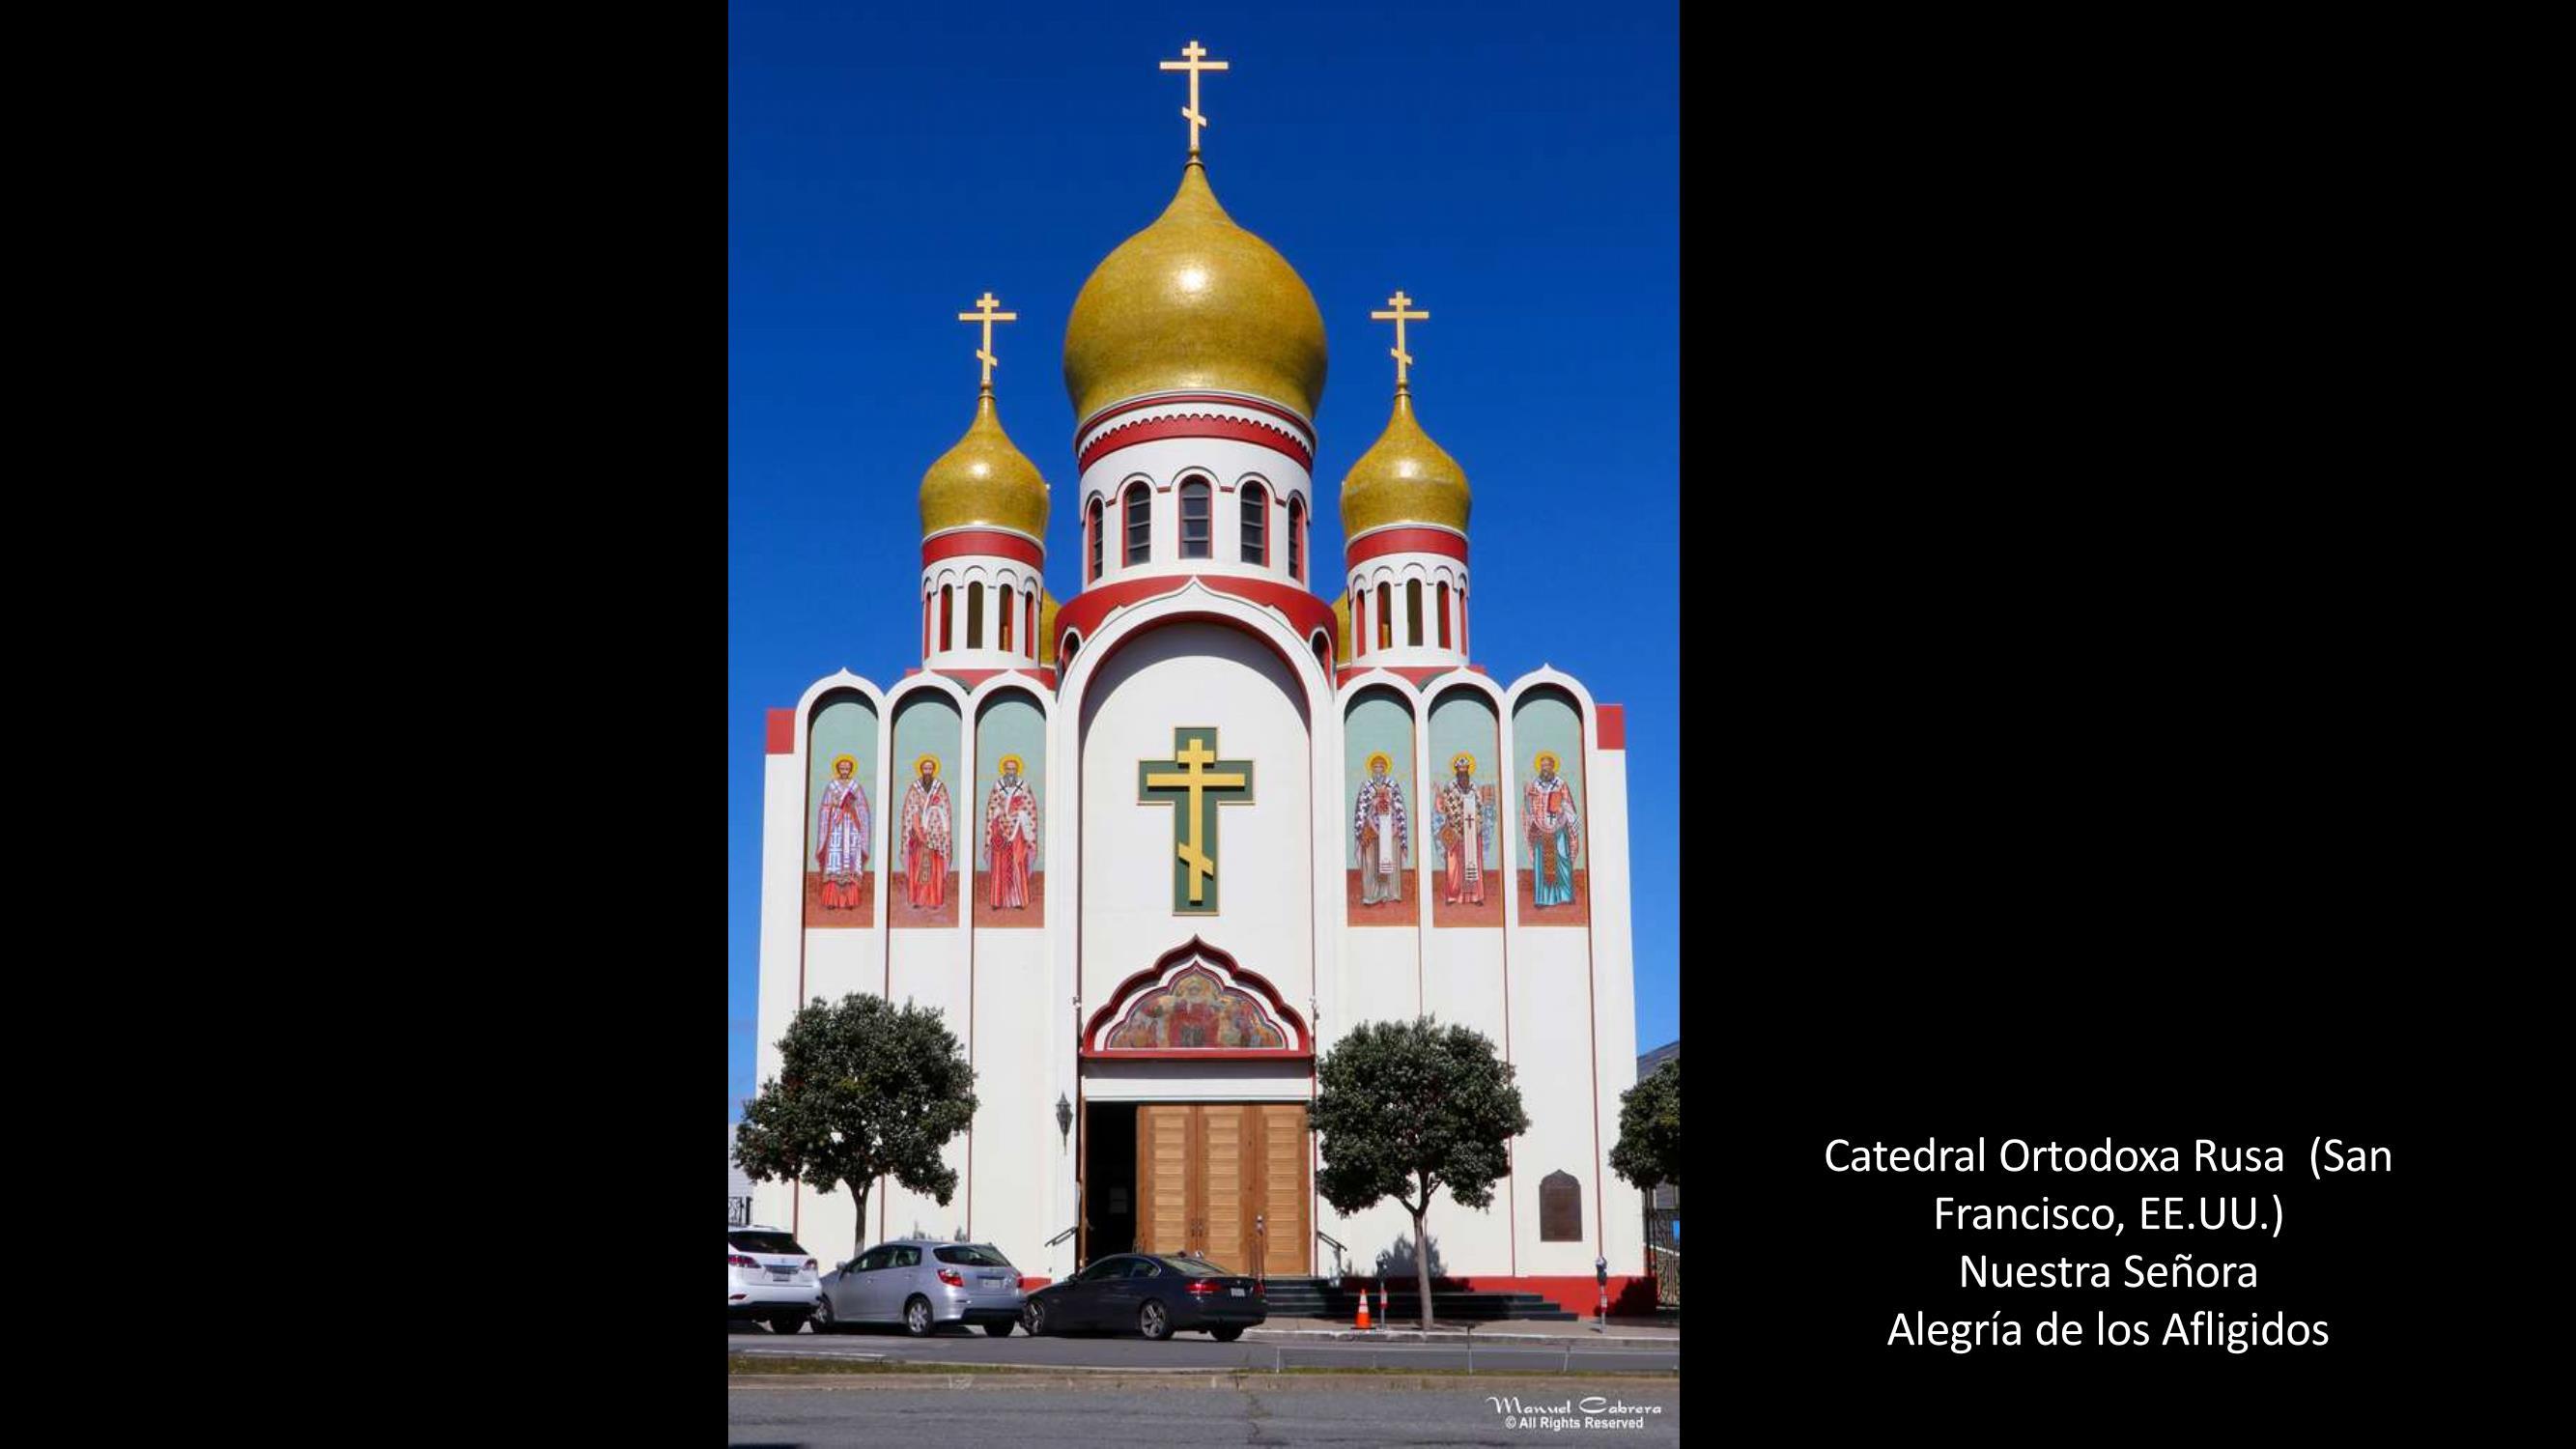 [58] Catedral Ortodoxa Rusa, San Francisco, EE.UU.